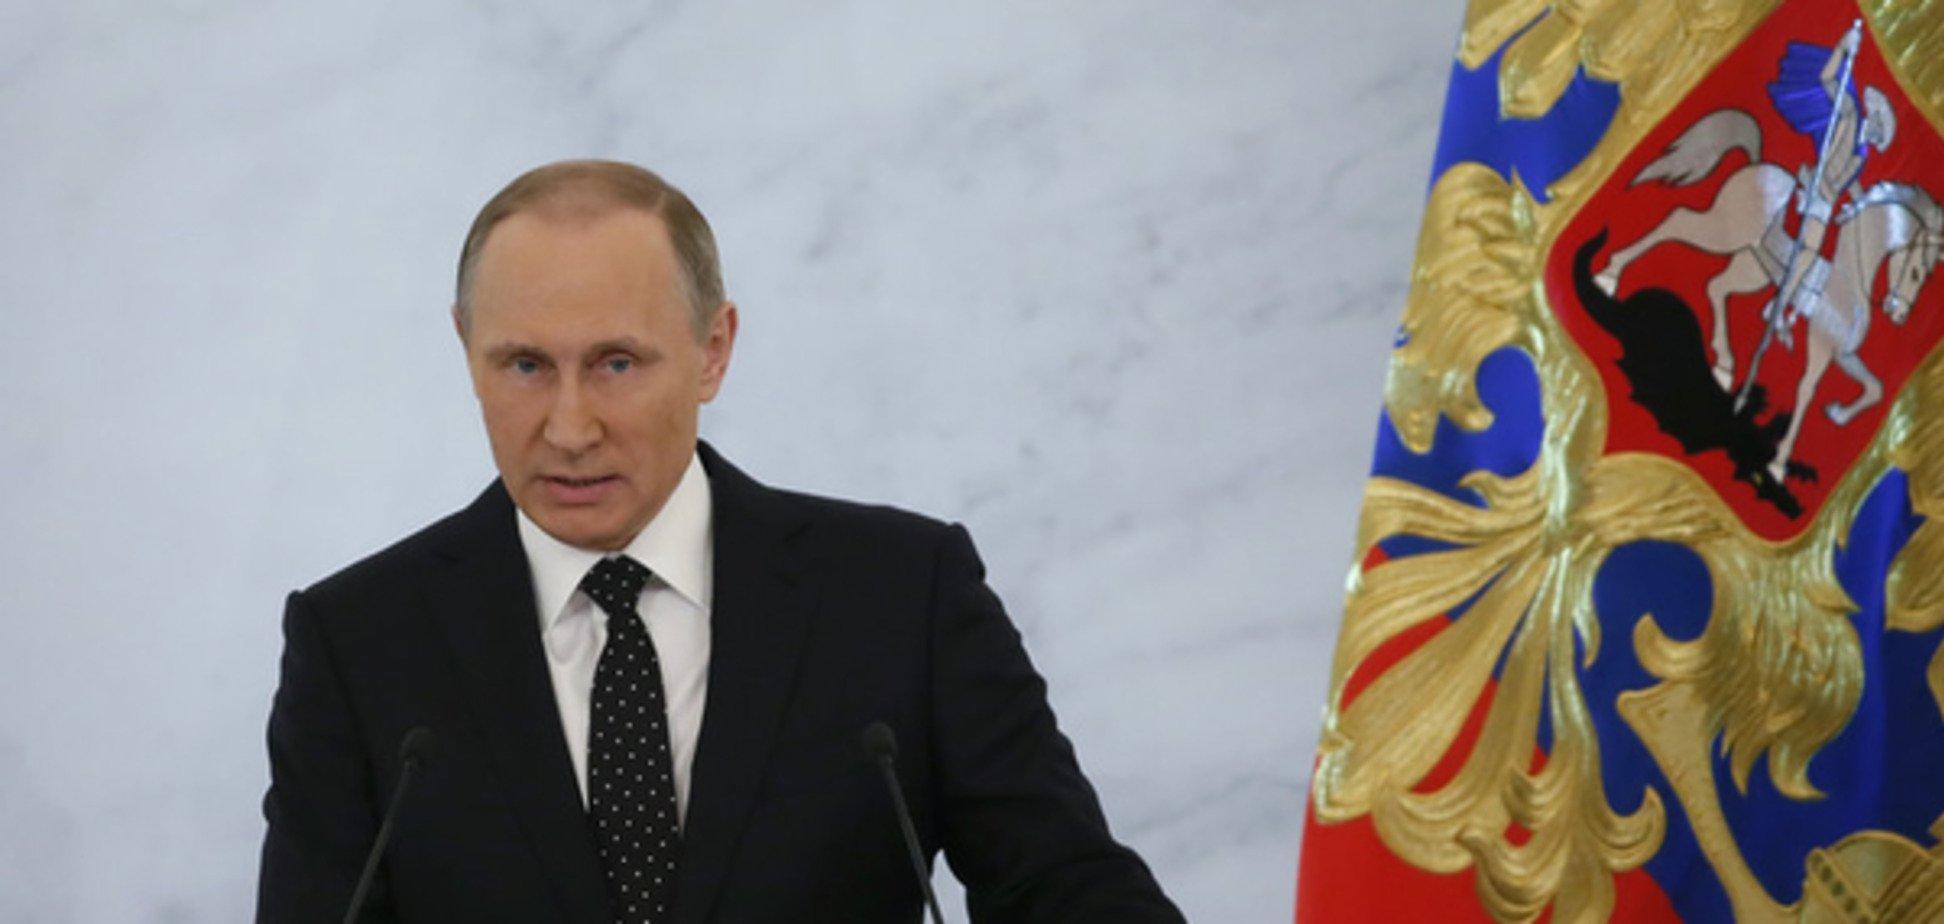 Послання Путіна: Шевцова пояснила словесну маячню президента війни